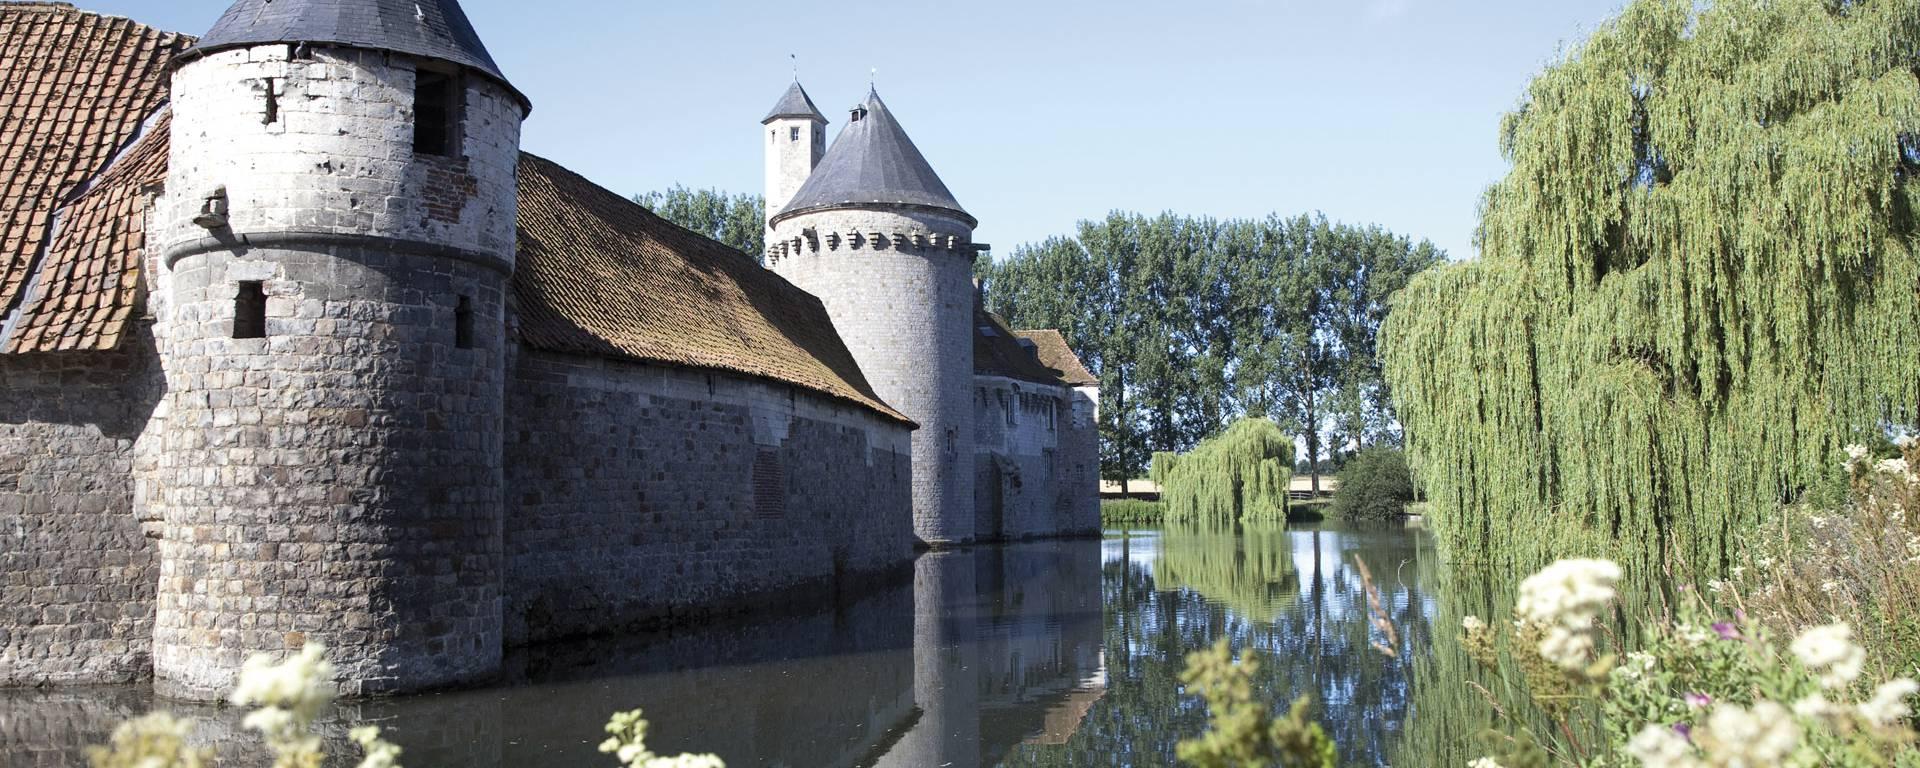 Autour des douves du Château d'Olhain - Fresnicourt-Le-Dolmen © Brigitte Baudesson